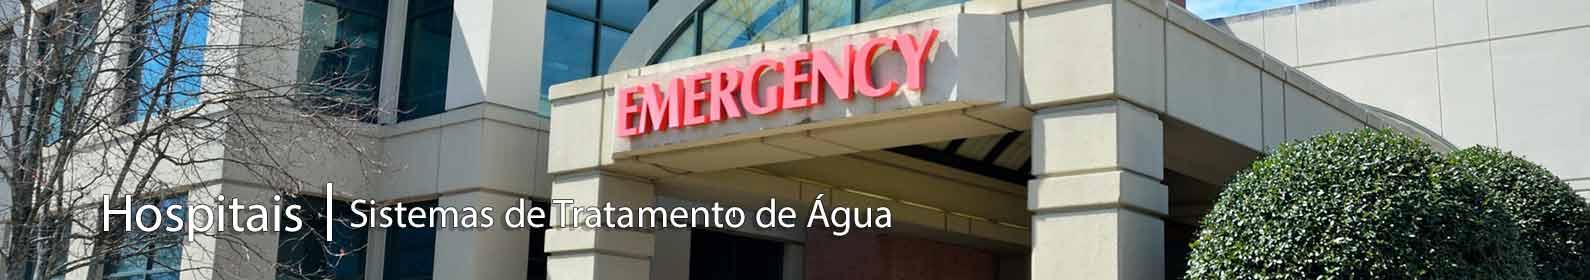 sistema-de-tratamento-de-gua-hospitais..jpg